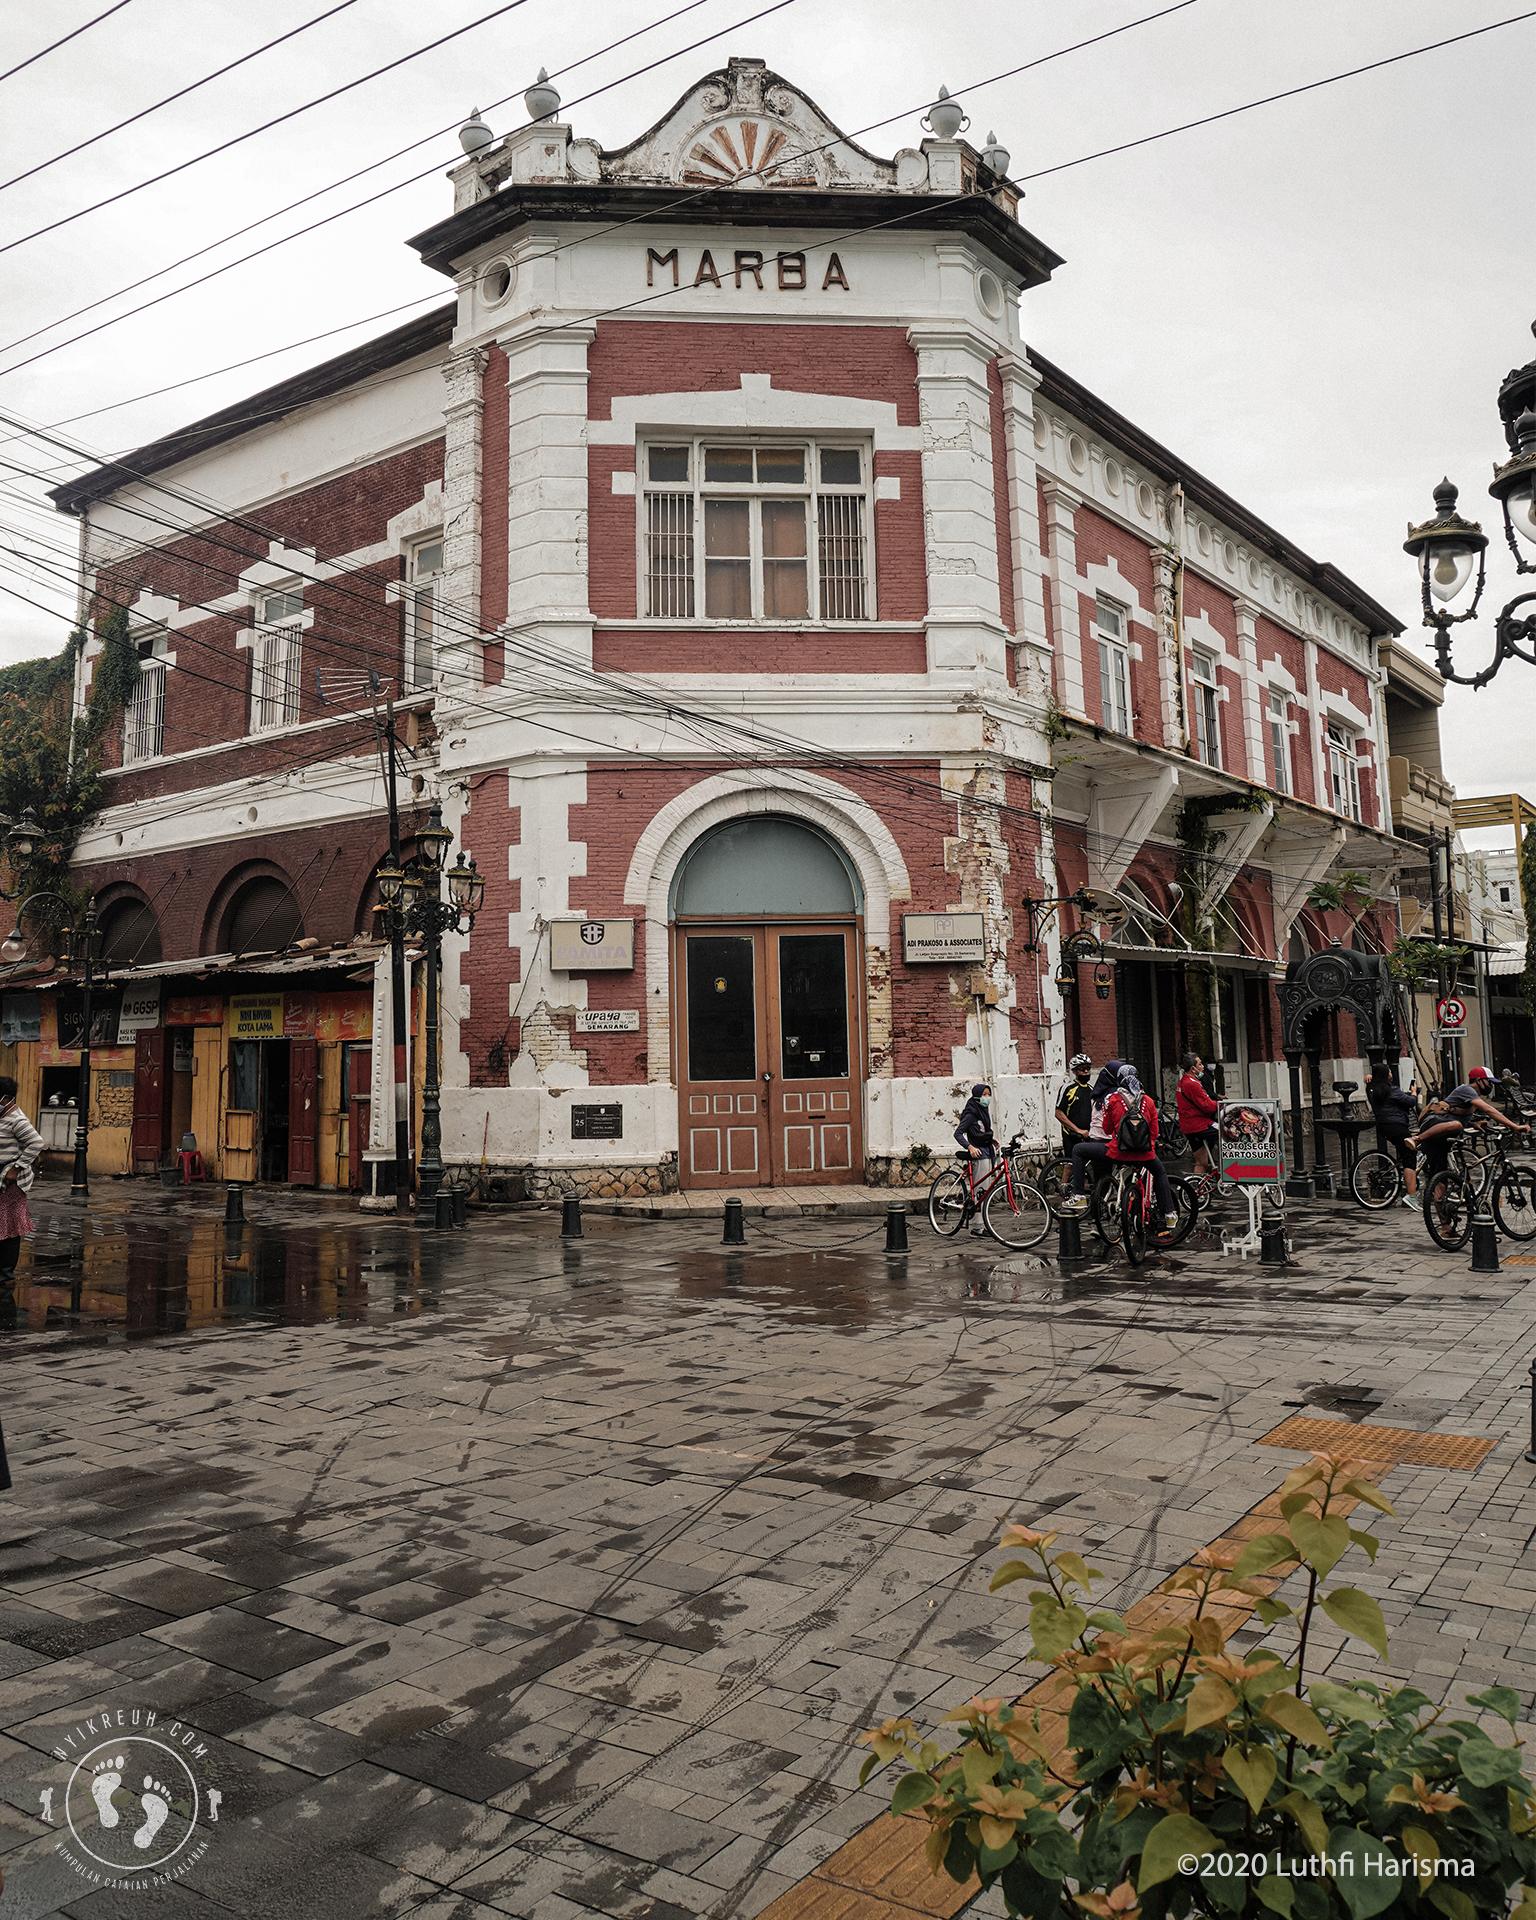 Marba, Bangunan Autentik Khas Kota Lama